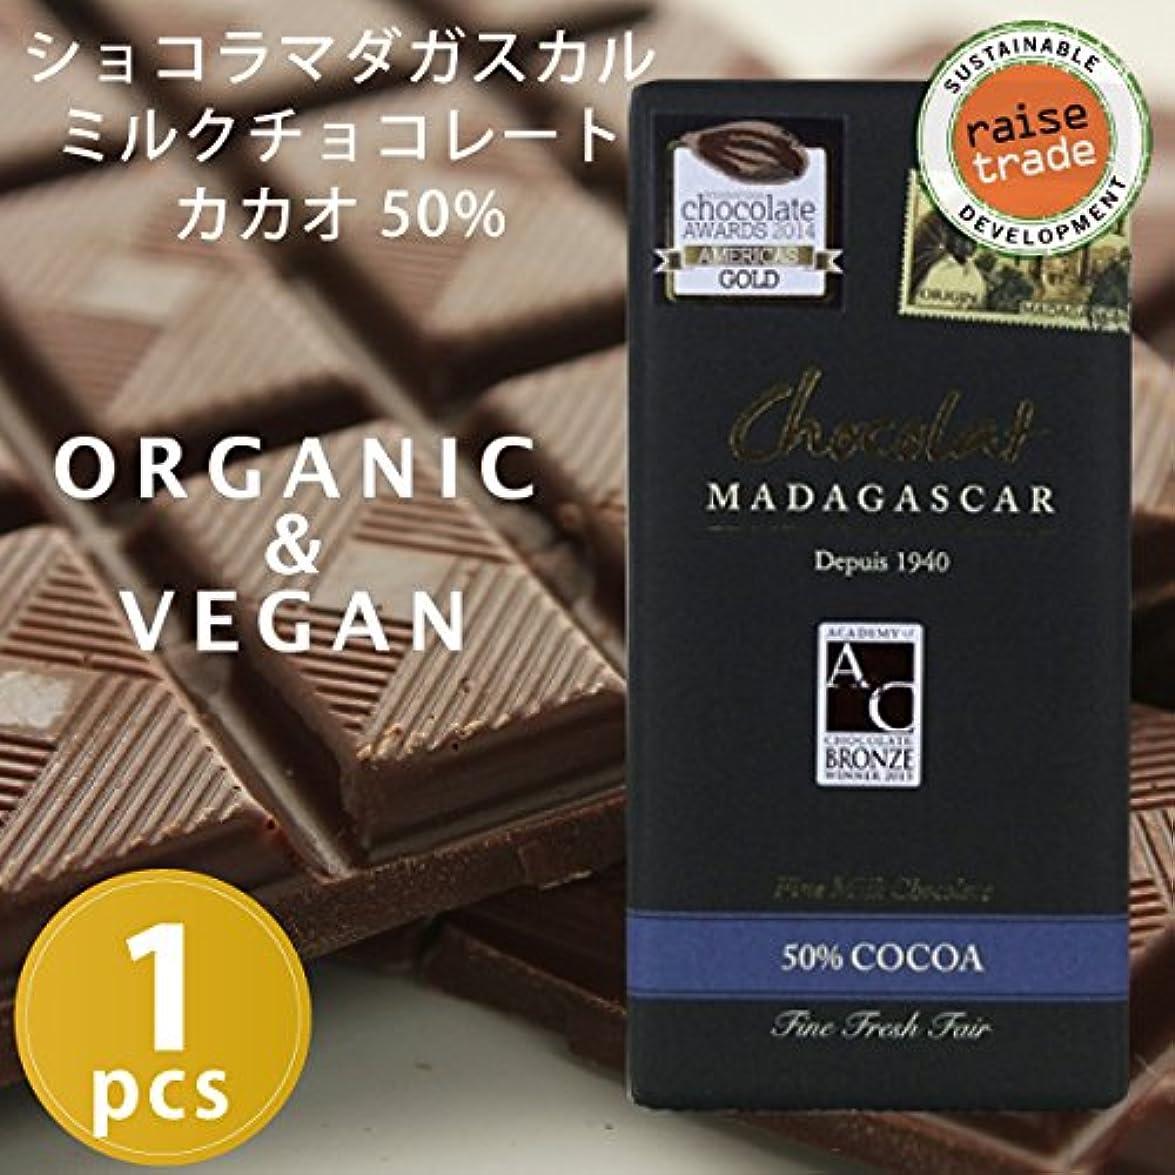 排泄物適用するジャンピングジャックショコラマダガスカル ファインミルクチョコレート 50% BeantoBarChocolate(ビーントゥーバーチョコレート)ツリートゥーバーチョコレート オーガニック フェアートレード レイズトレード 低糖質?砂糖不使用...